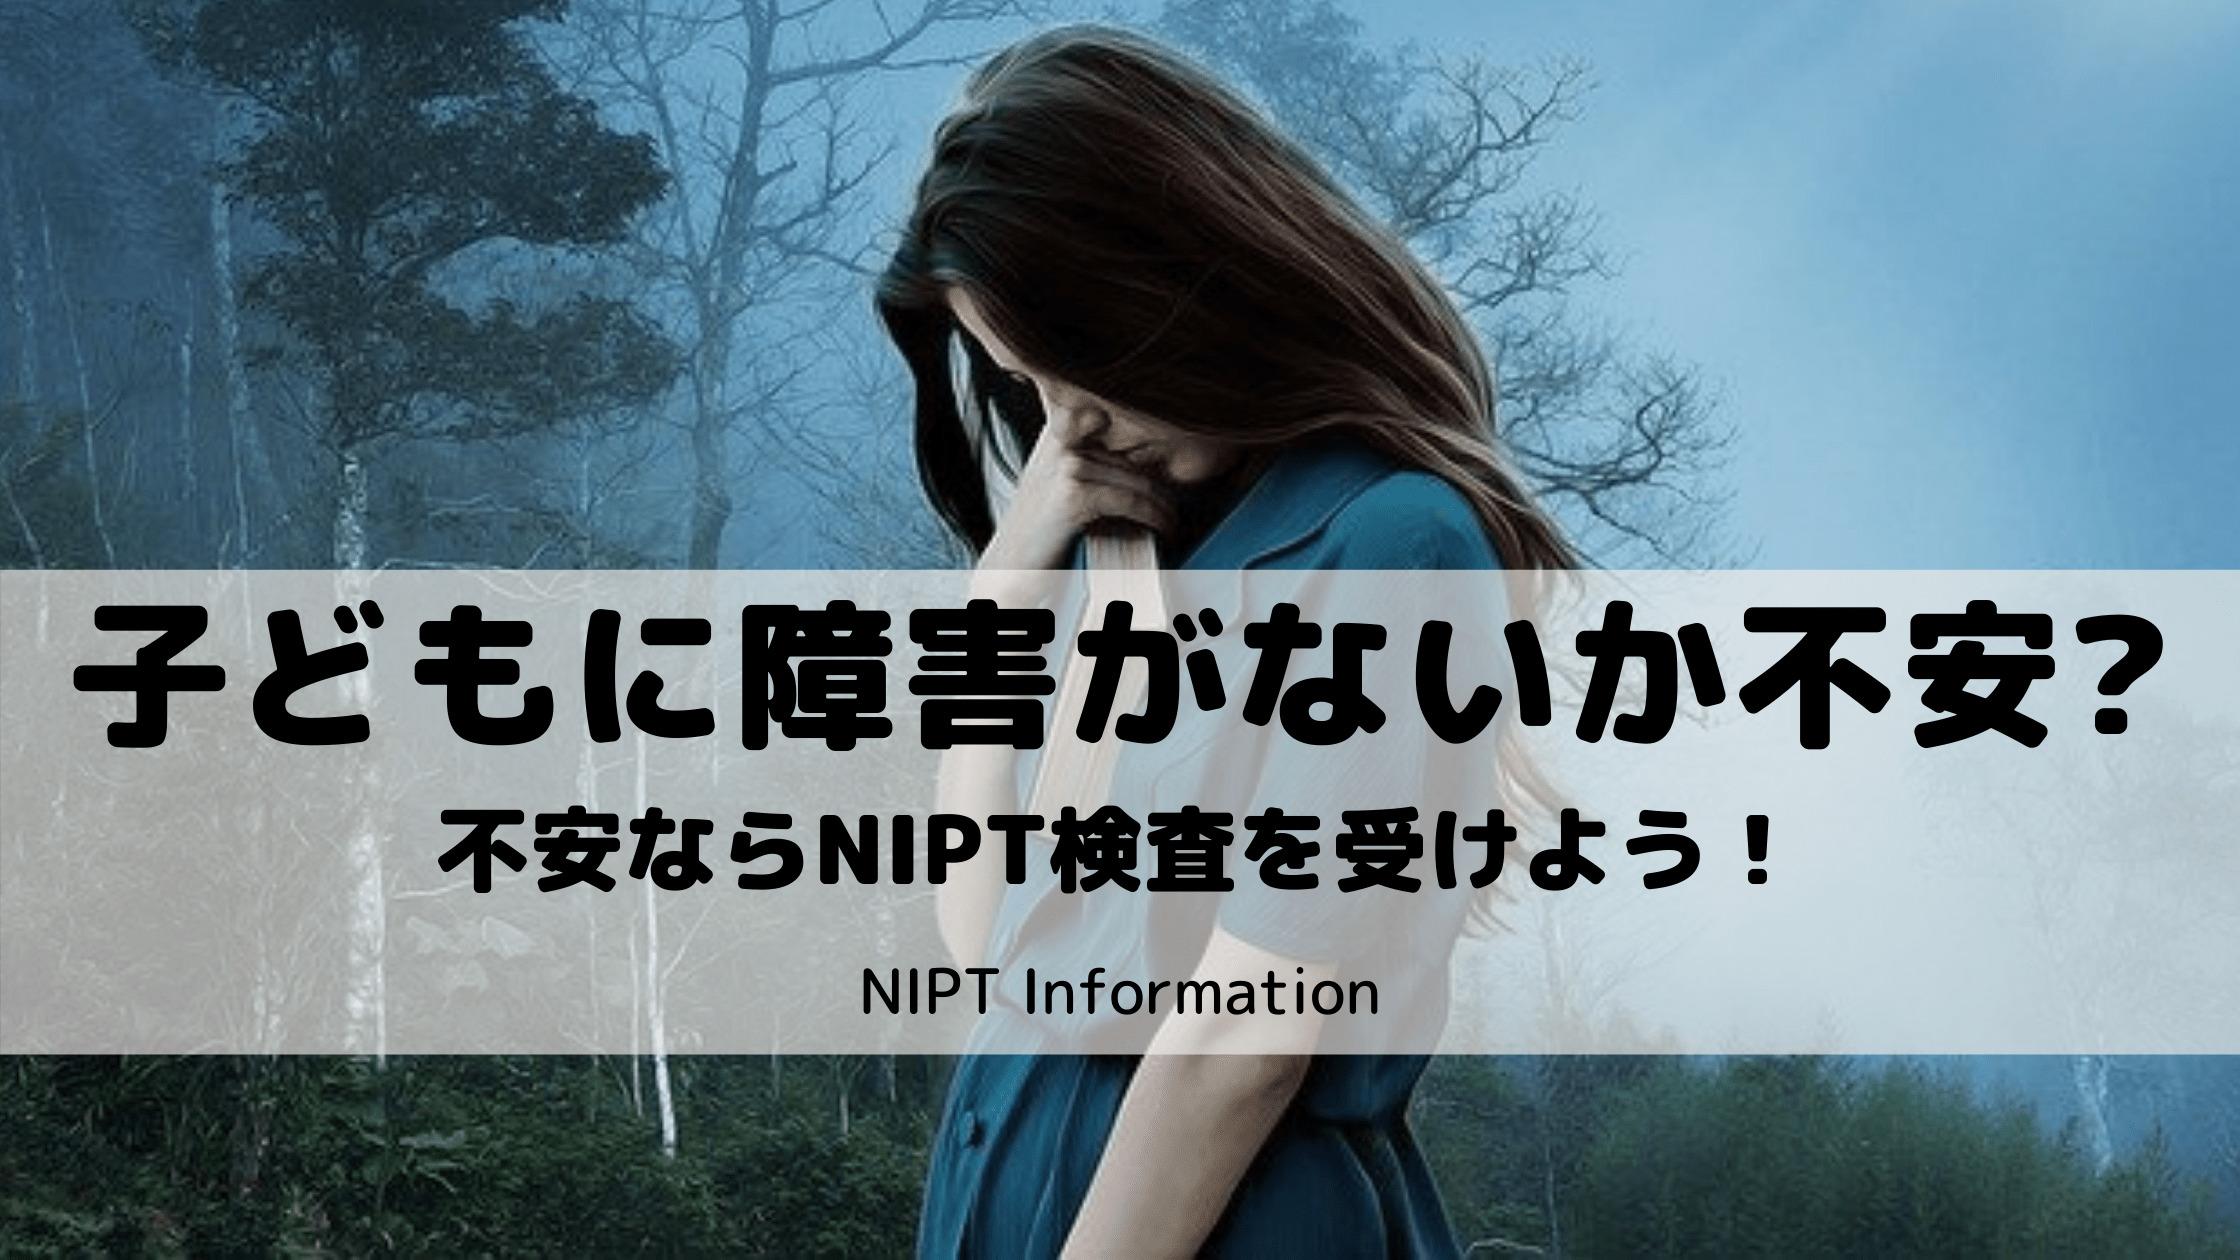 【妊娠中】子どもに障害がないか不安ならNIPT検査を受けよう!-min